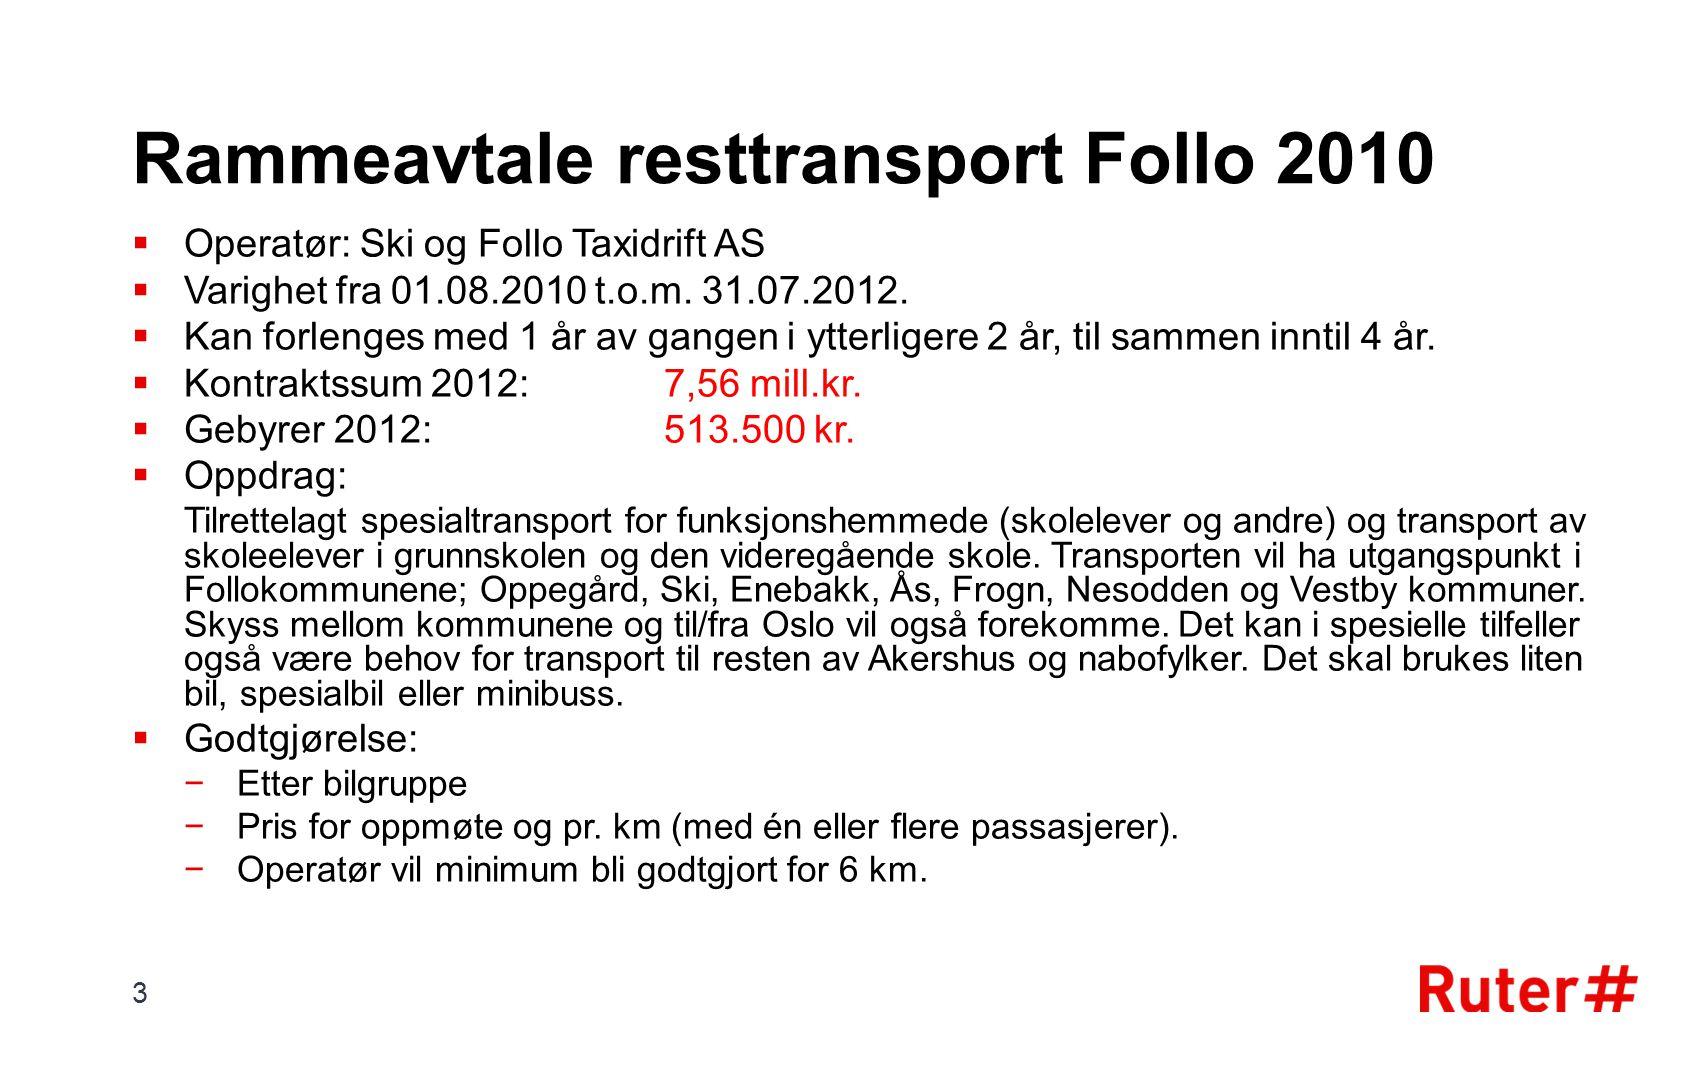 Rammeavtale resttransport Follo 2010